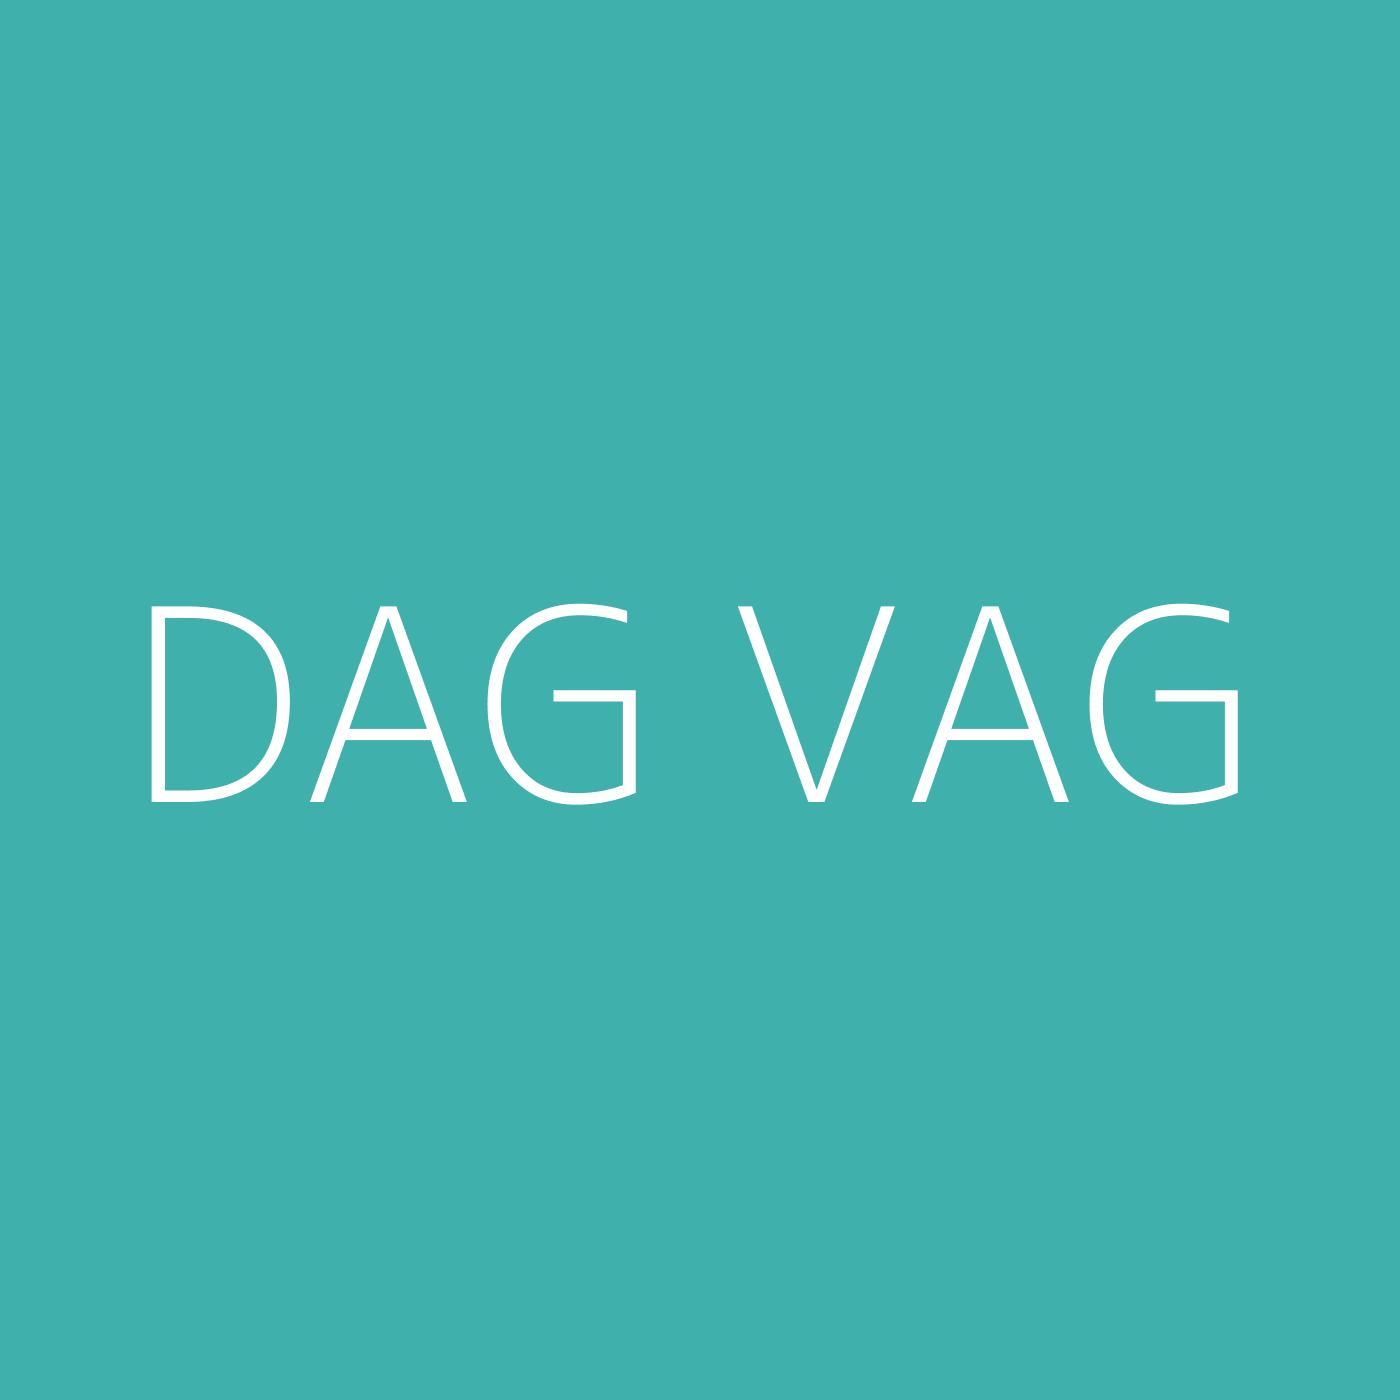 Dag Vag Playlist Artwork